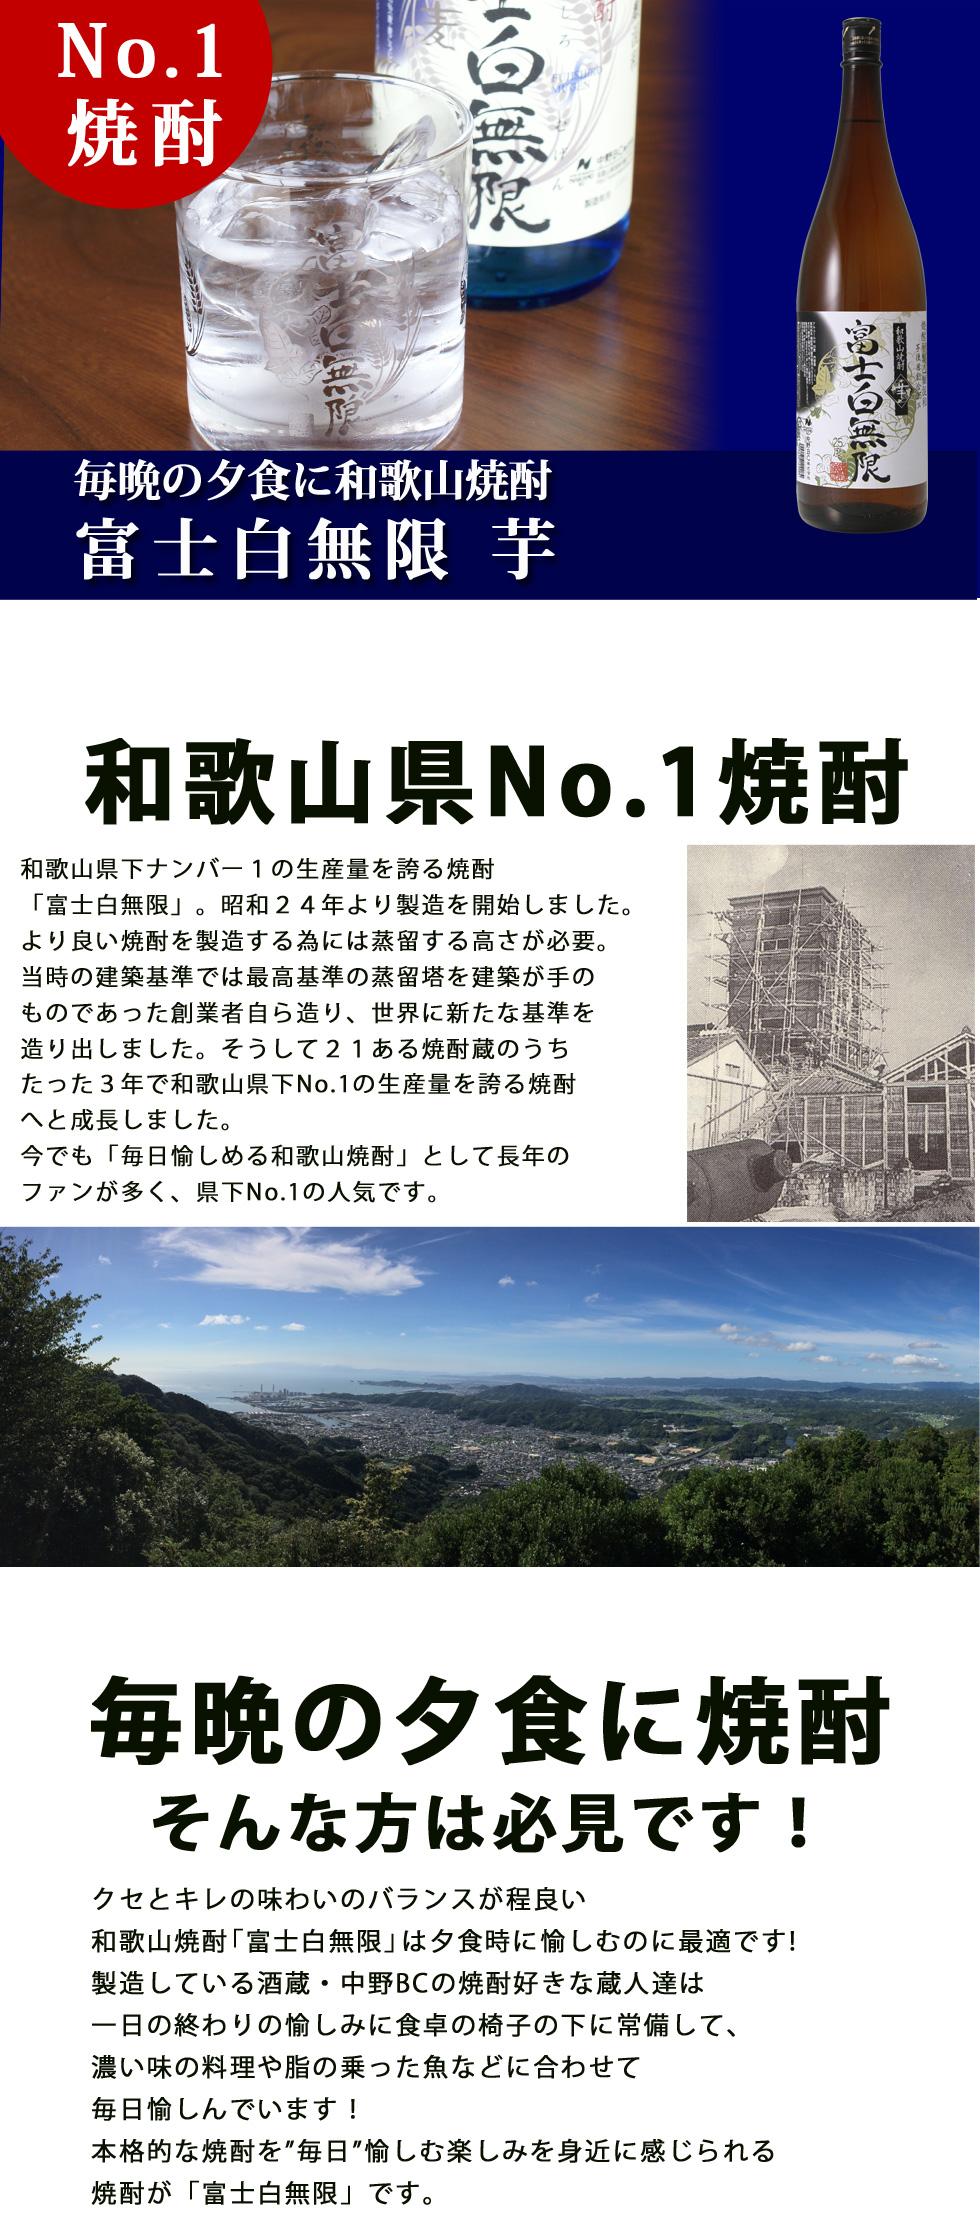 富士白無限《芋》 は和歌山県No1の焼酎です。